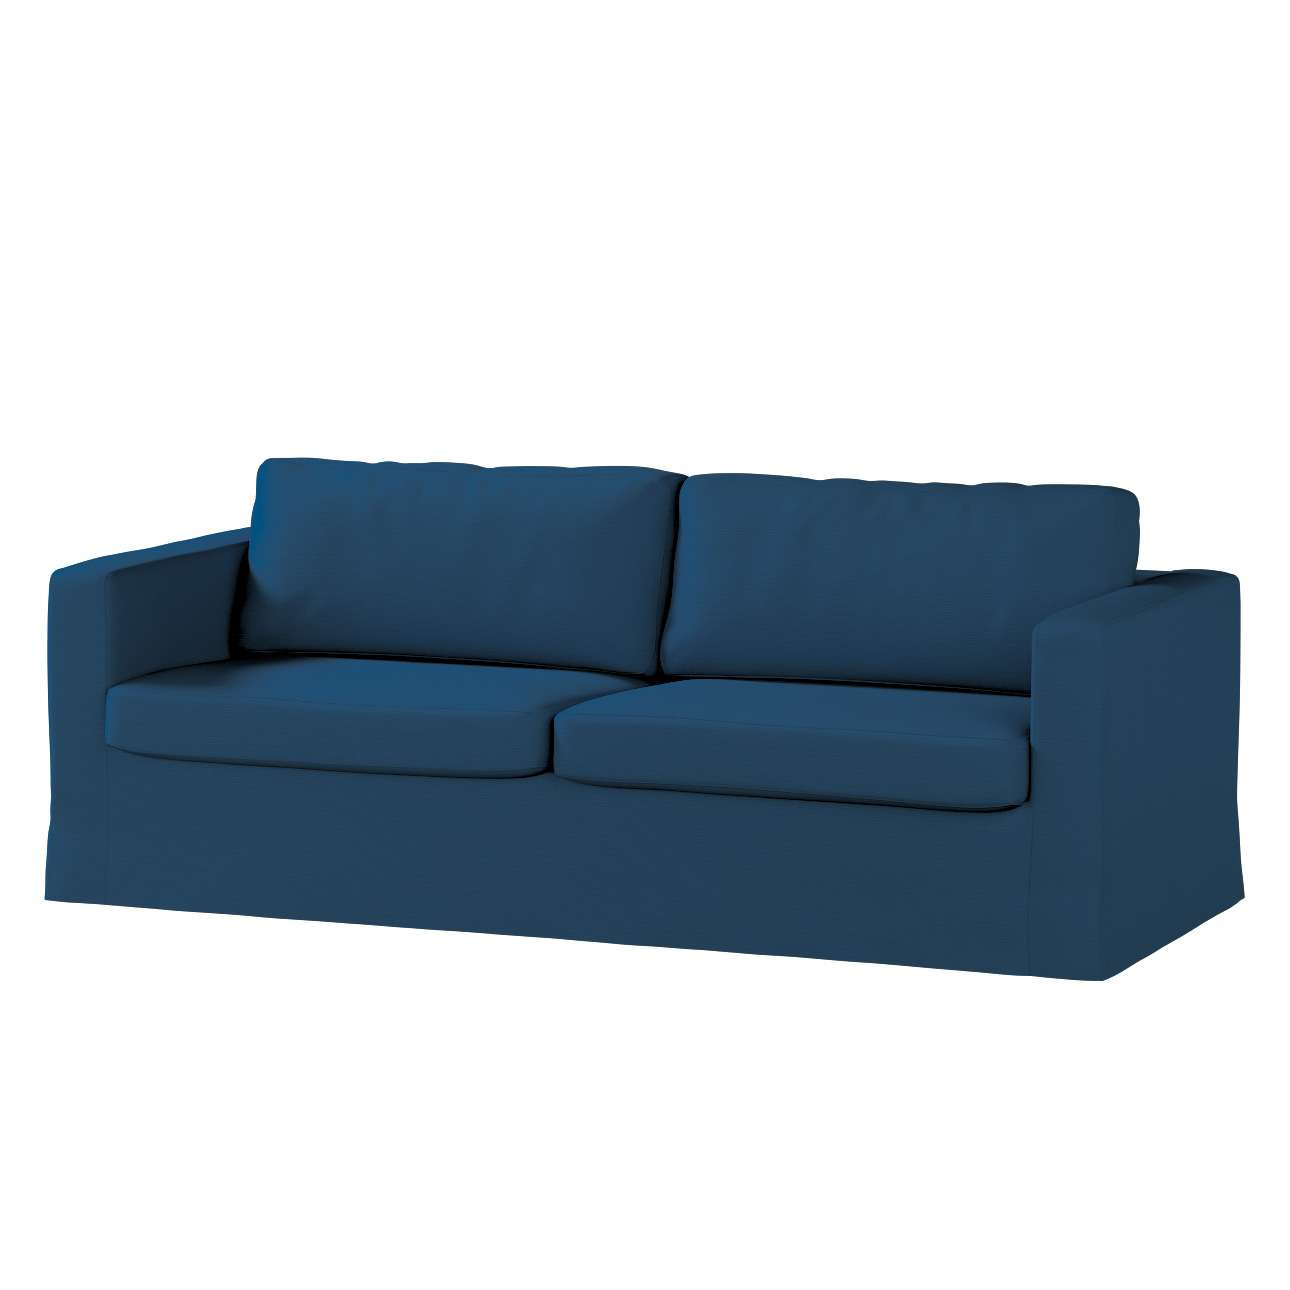 Potah na pohovku IKEA  Karlstad 3-místná, nerozkládací, dlouhý pohovka Karlstad 3-místná v kolekci Cotton Panama, látka: 702-30